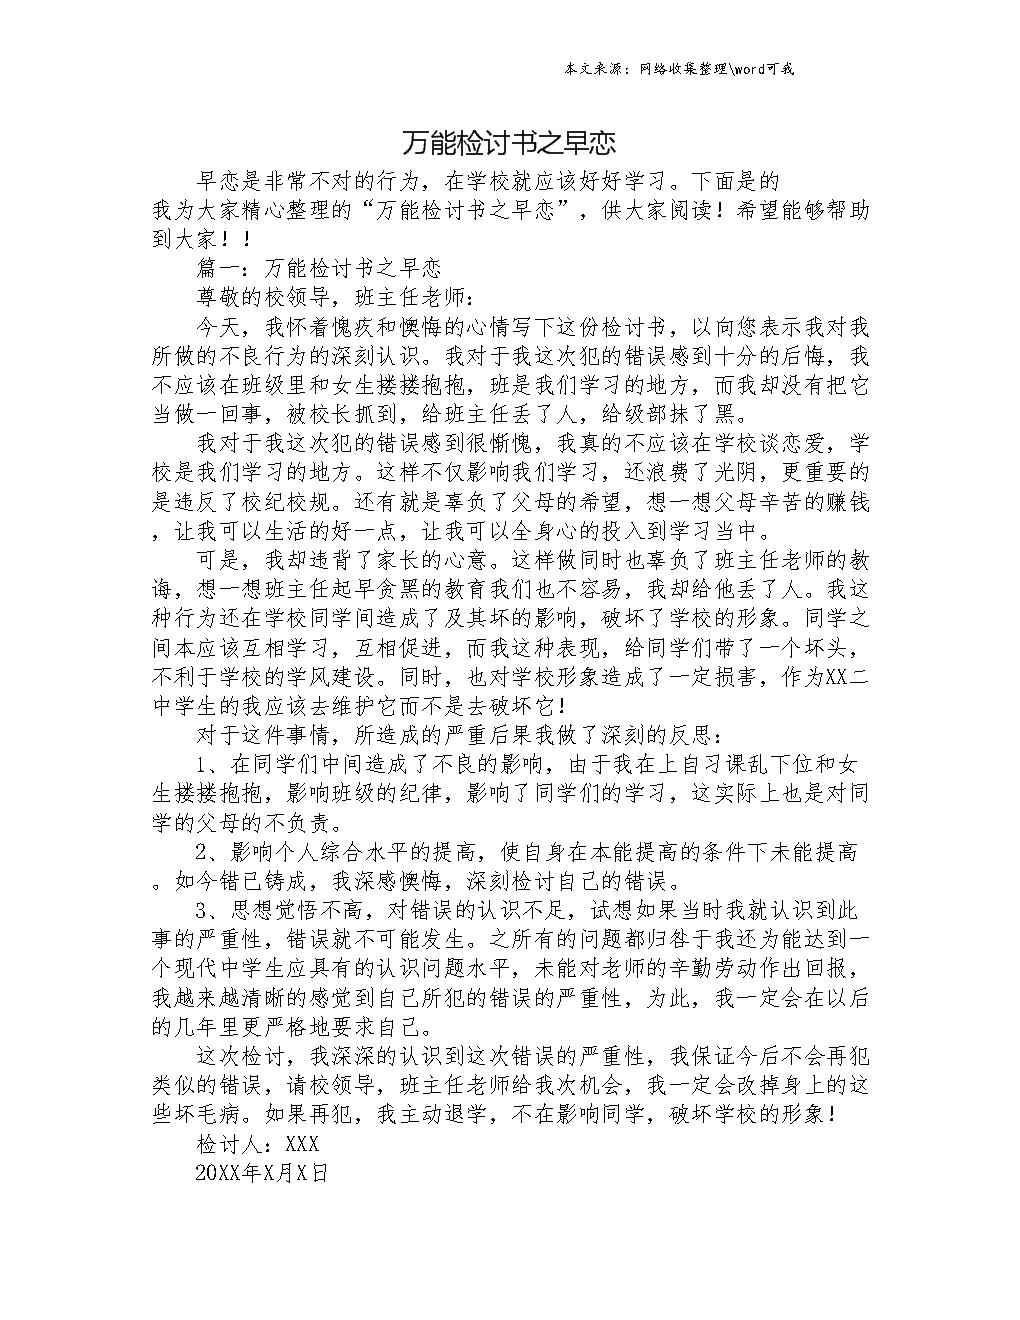 万能检讨书之早恋 .doc